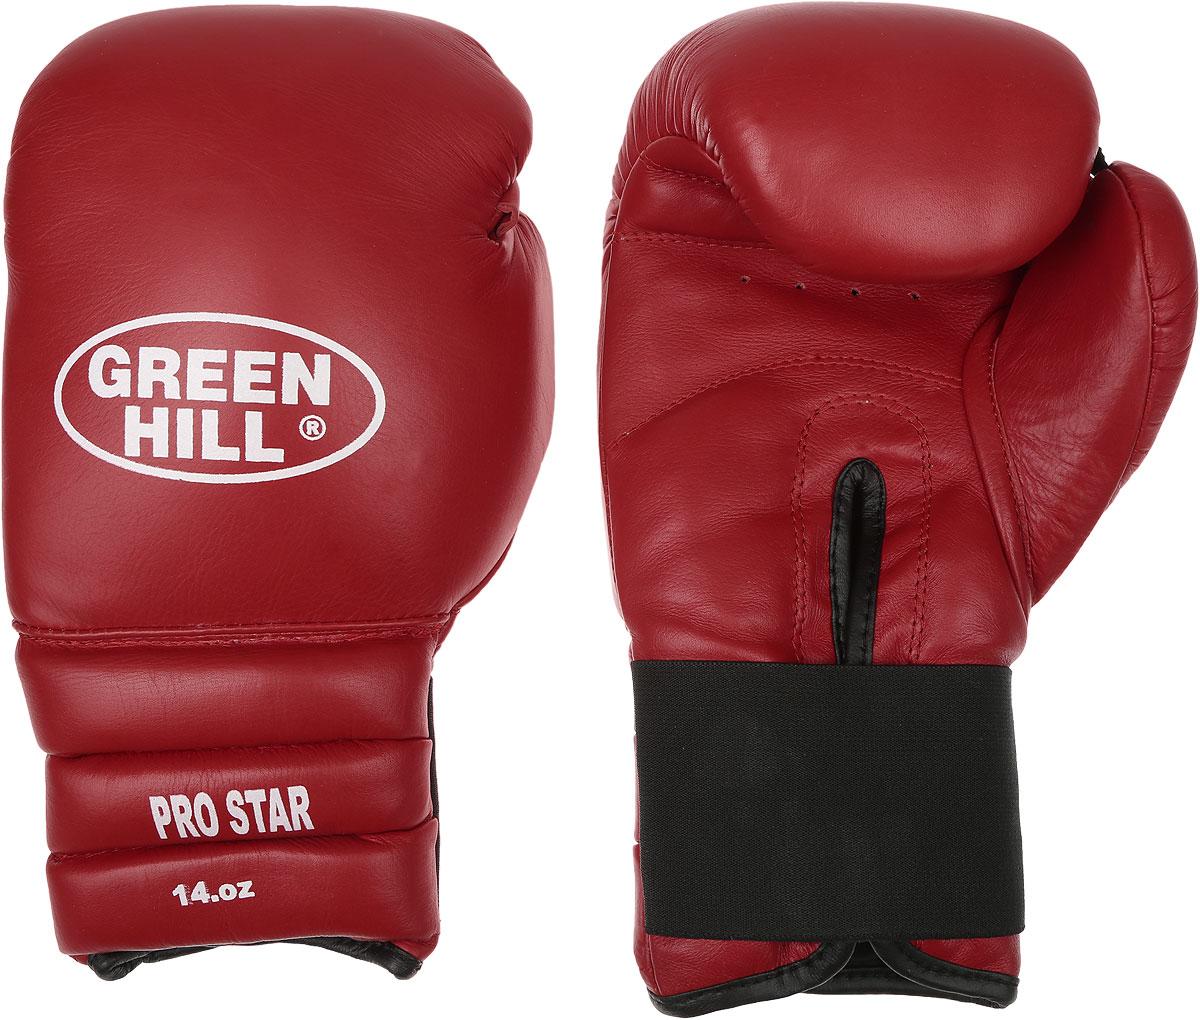 Перчатки боксерские Green Hill Pro Star, цвет: красный, белый. Вес 14 унций. BGPS-2012BGPS-2012Тренировочные боксерские перчатки Green Hill Pro Star отлично подойдут для спаррингов. Верх выполнен из натуральной кожи, наполнитель - из вспененного полимера. Отверстие в области ладони позволяет создать максимально комфортный терморежим во время занятий. Удлиненный сегментированный манжет способствует быстрому и удобному надеванию перчаток, плотно фиксирует их на руке.